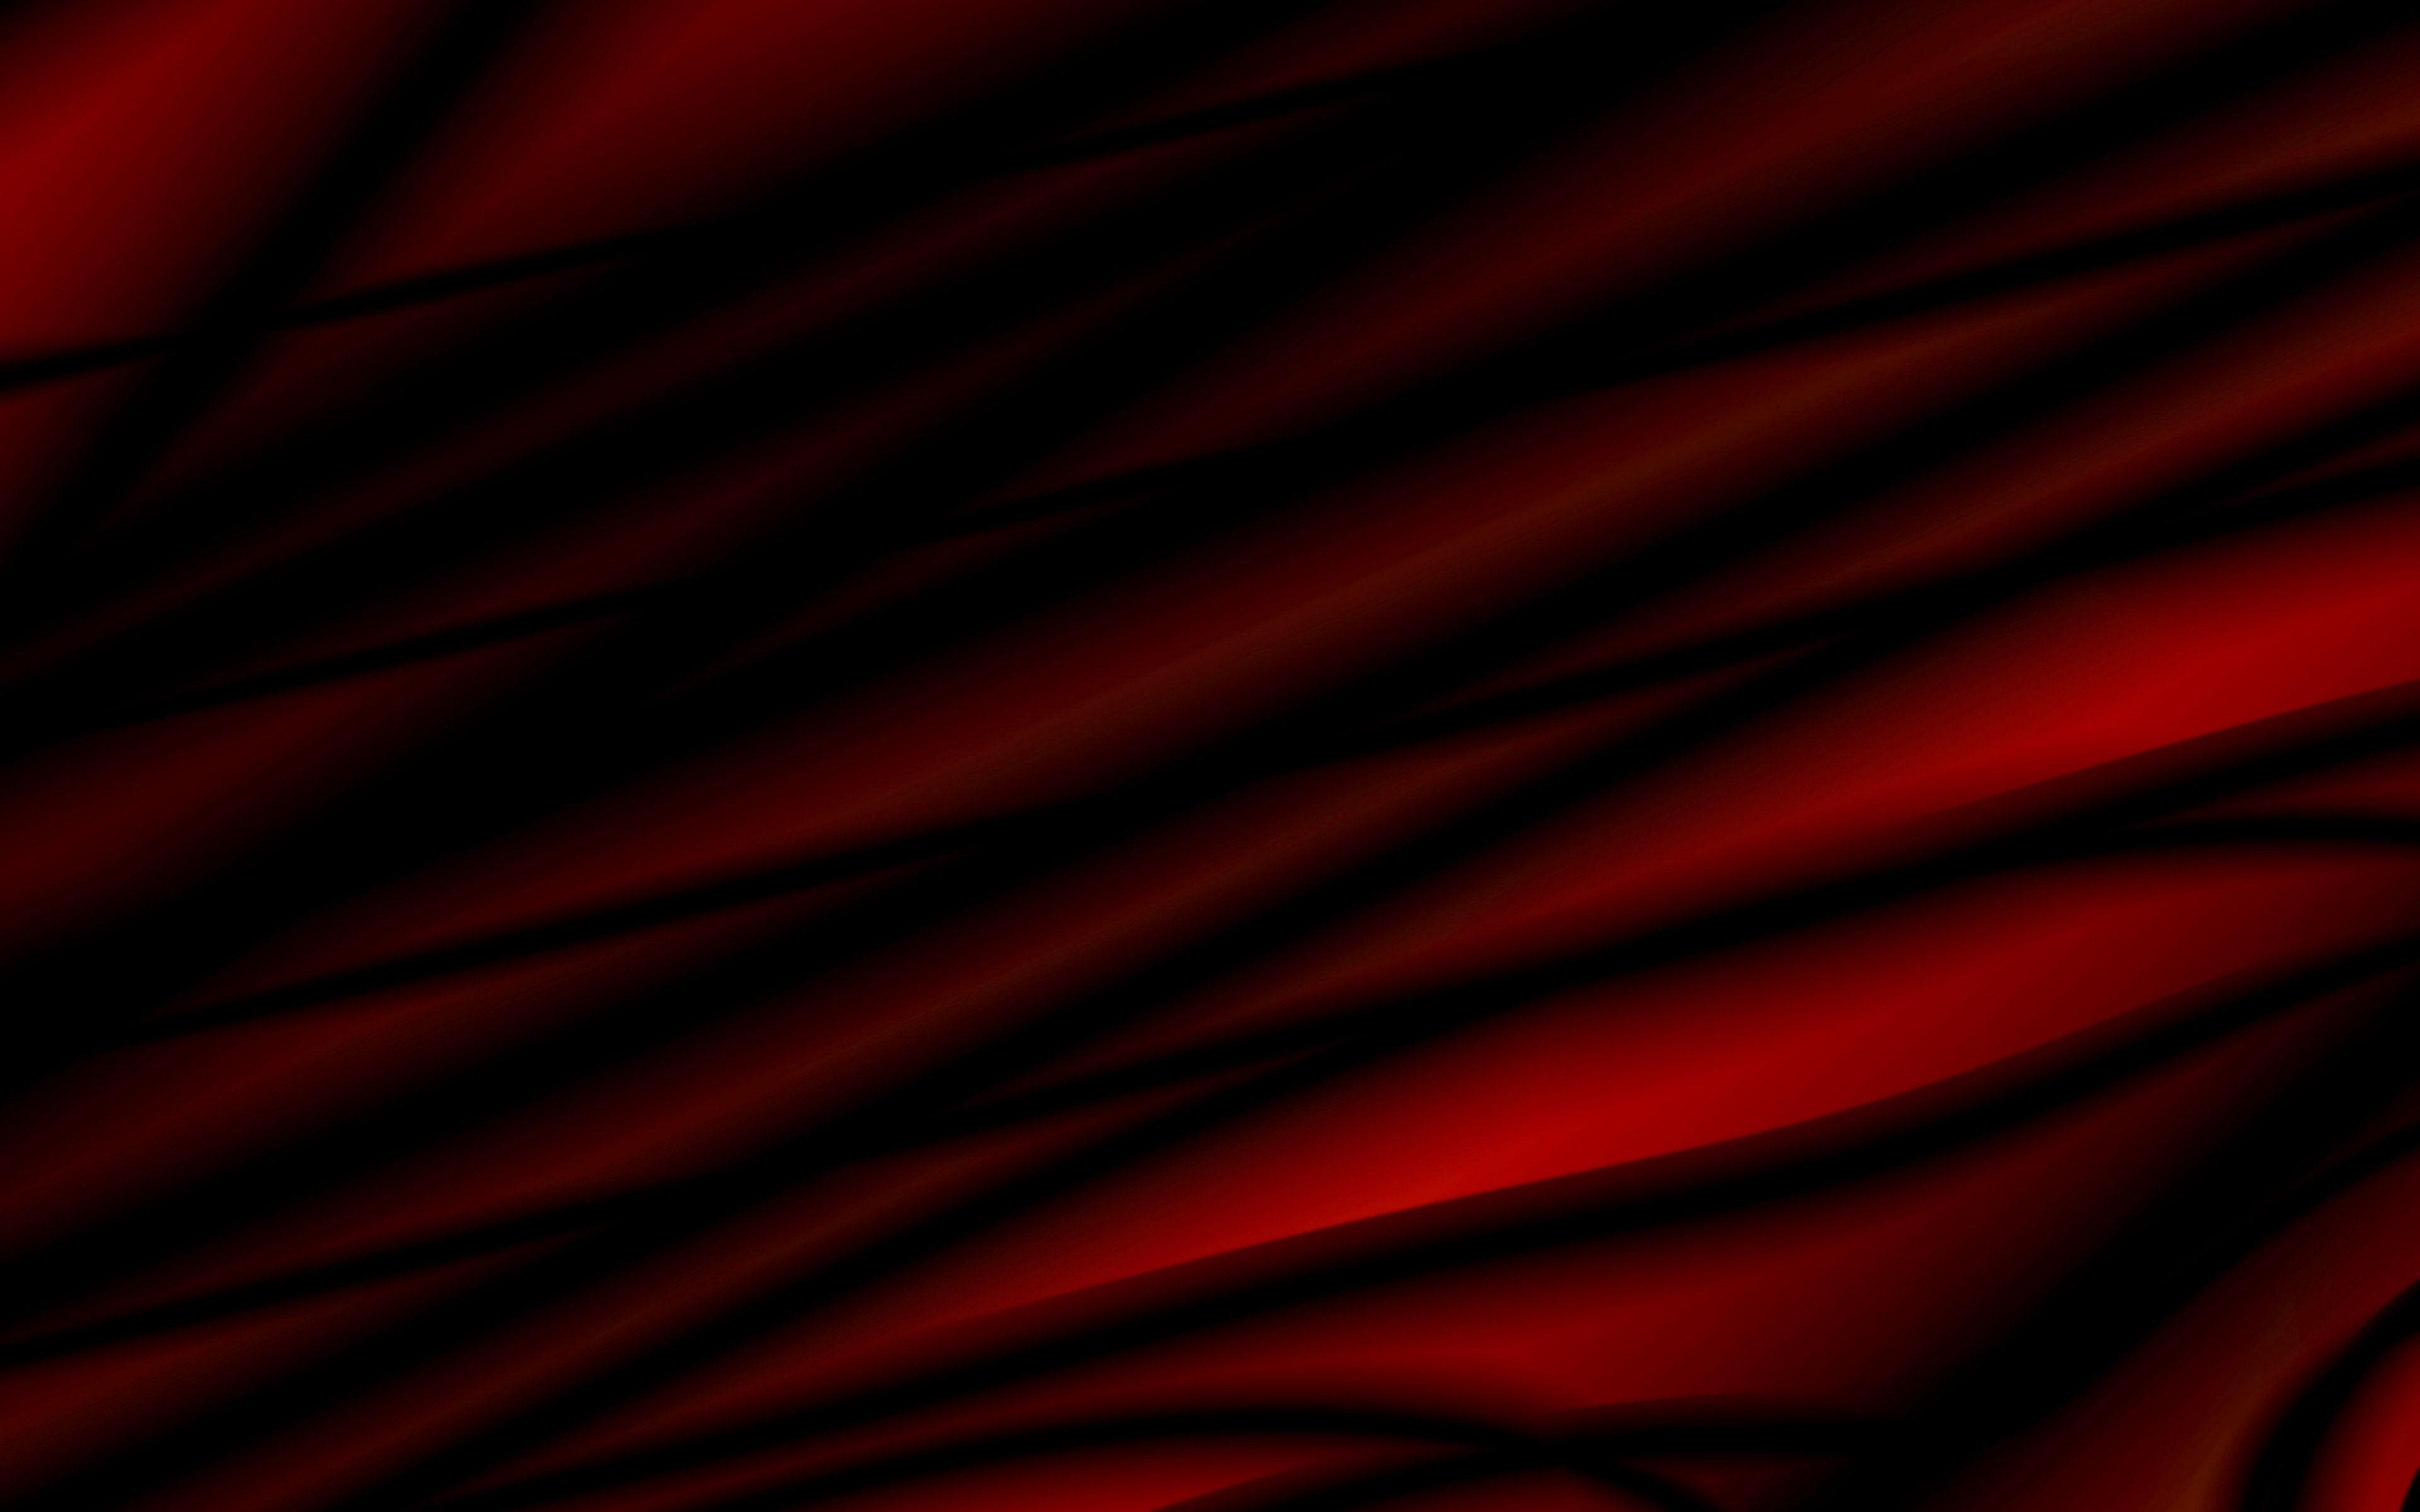 62503 скачать обои Абстракция, Текстура, Красный, Темный, Тень - заставки и картинки бесплатно